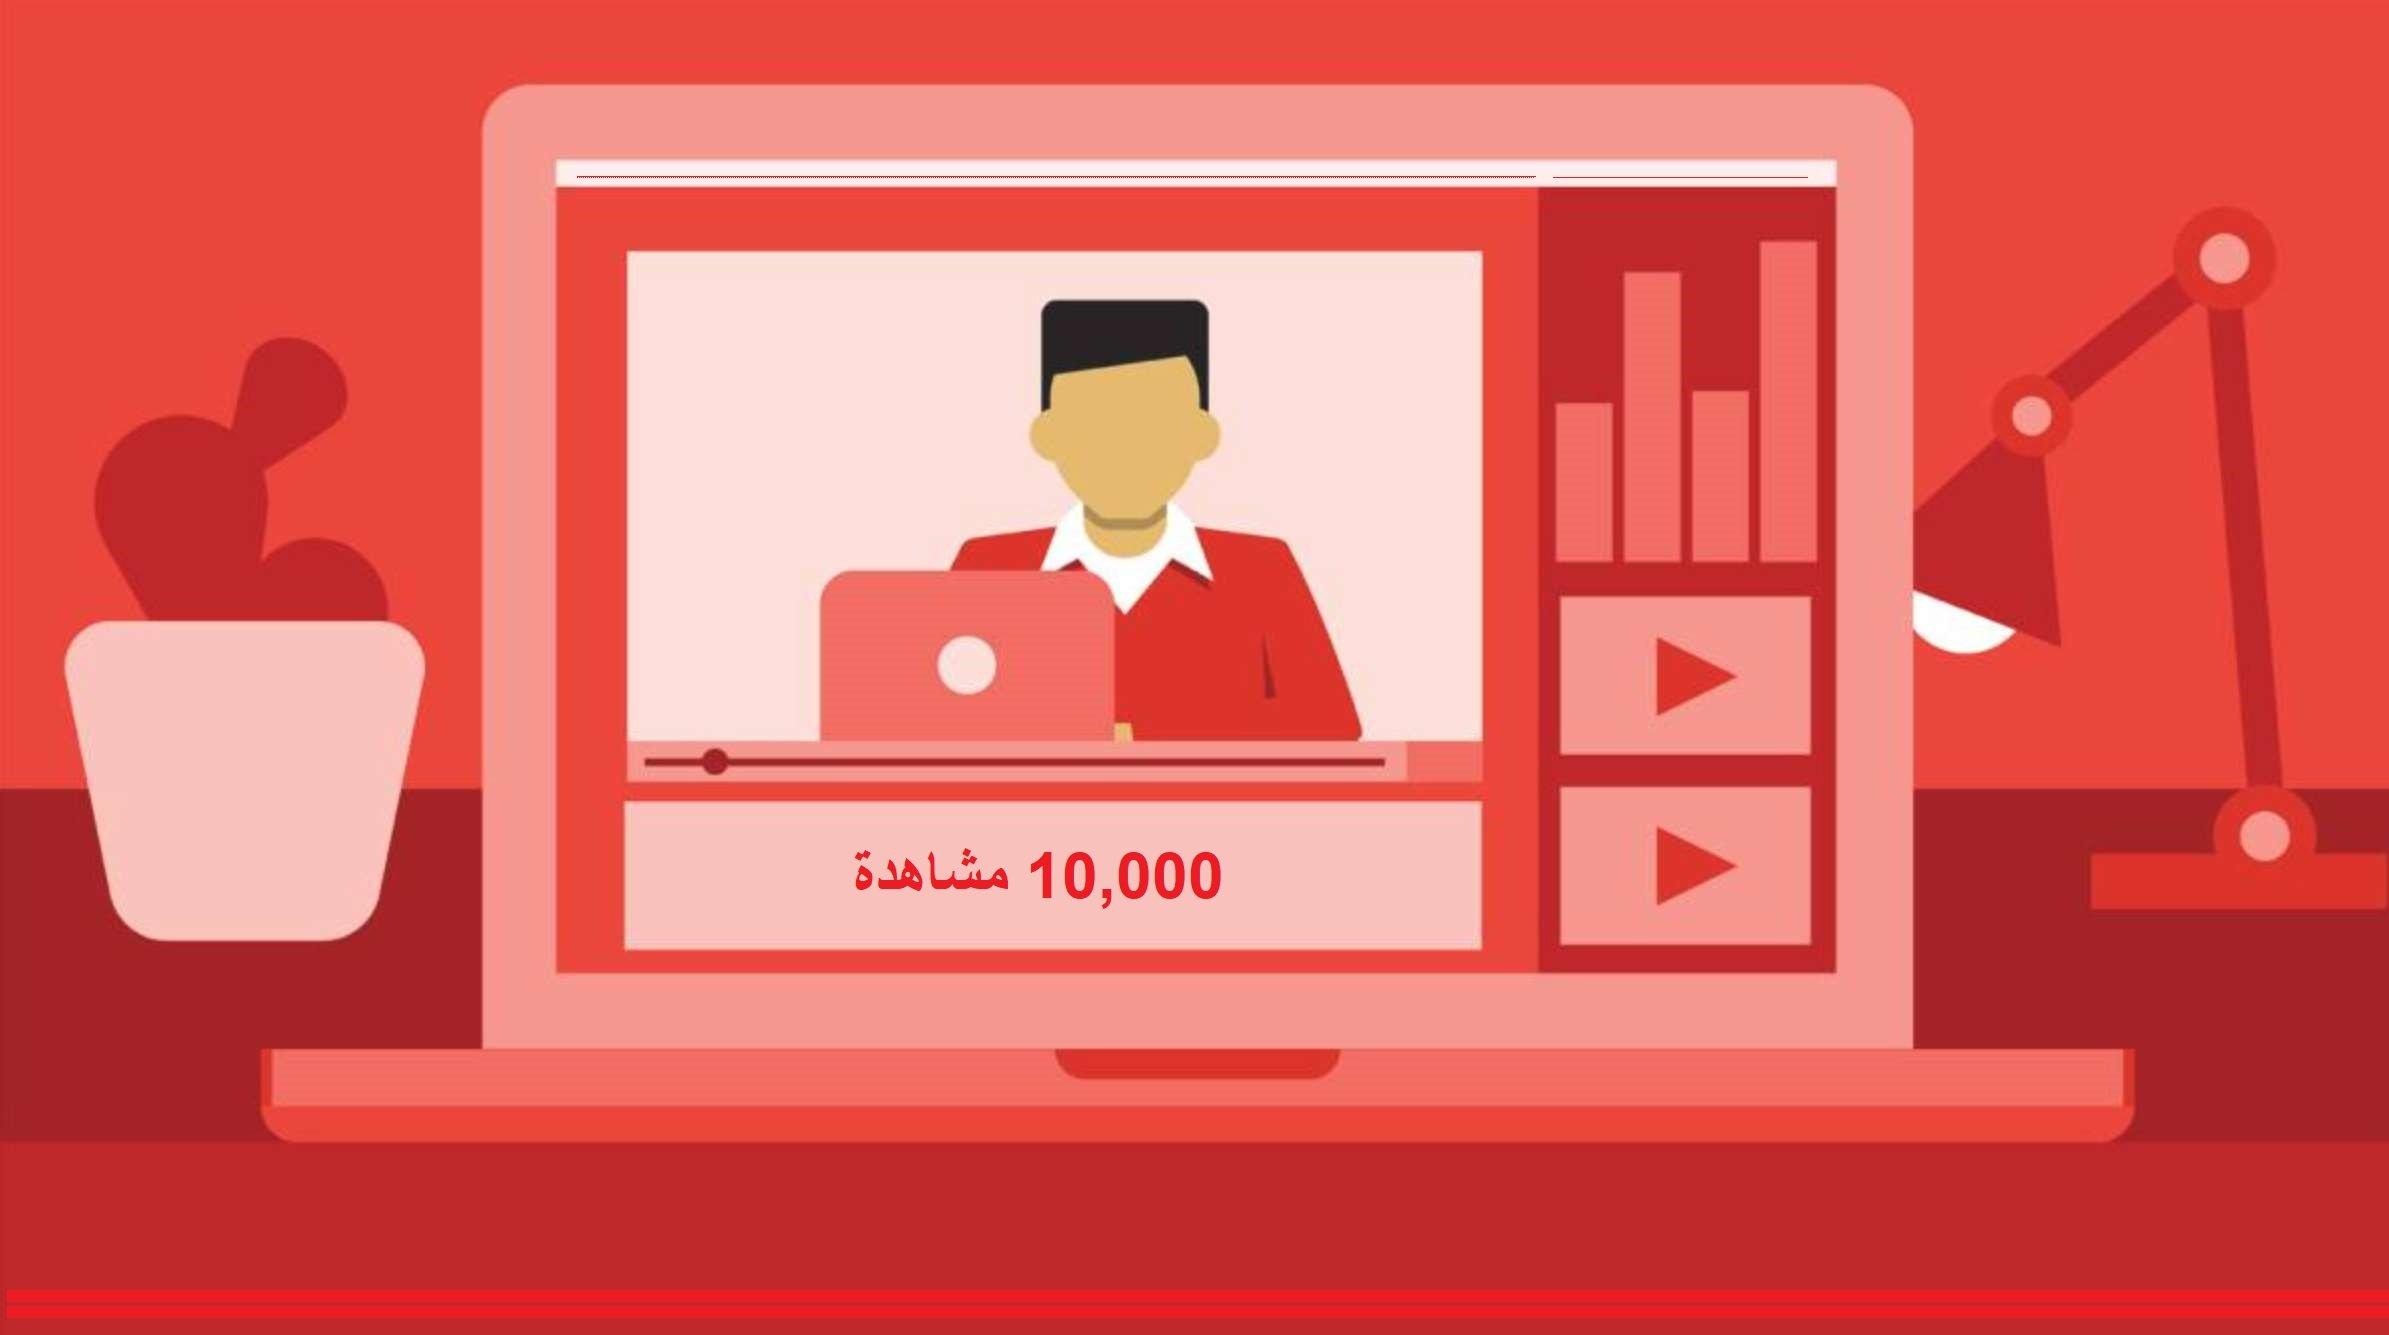 10,000 مشاهدة لبدء الربحمن اليوتيوب